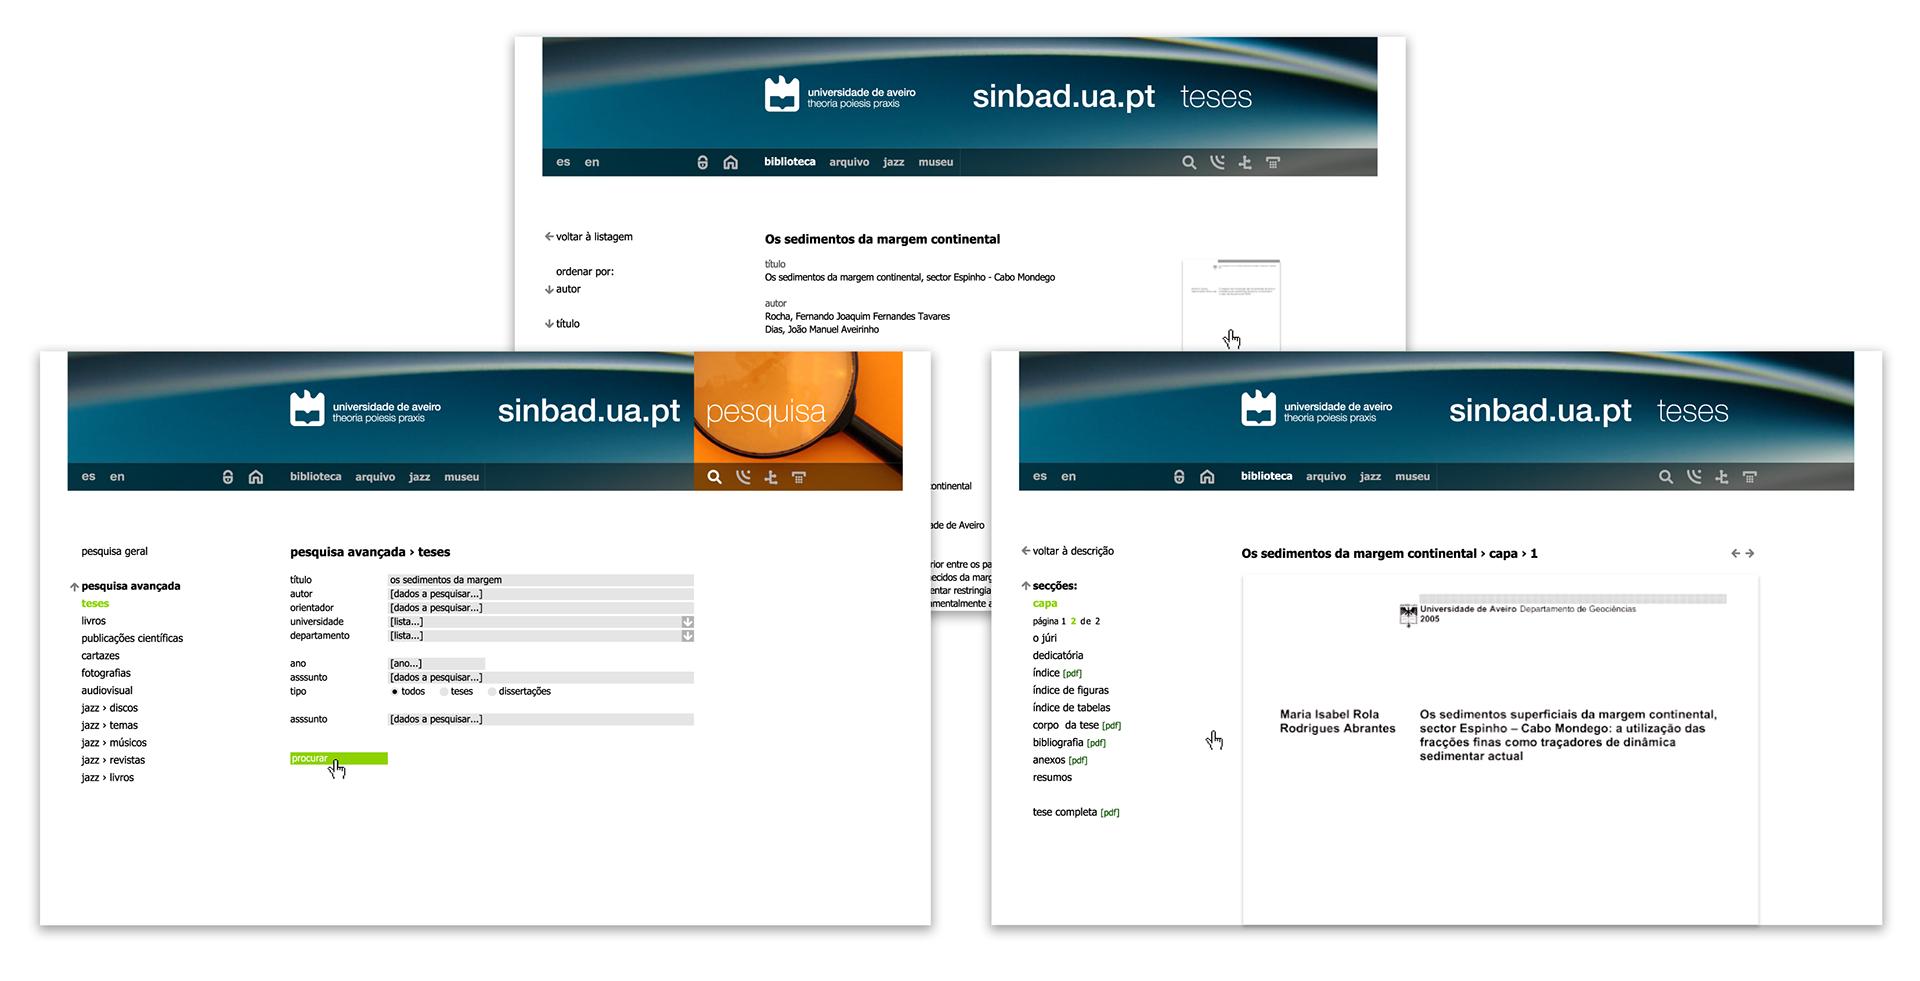 Miguel Jesus Portfolio - Website for Universidade de Aveiro